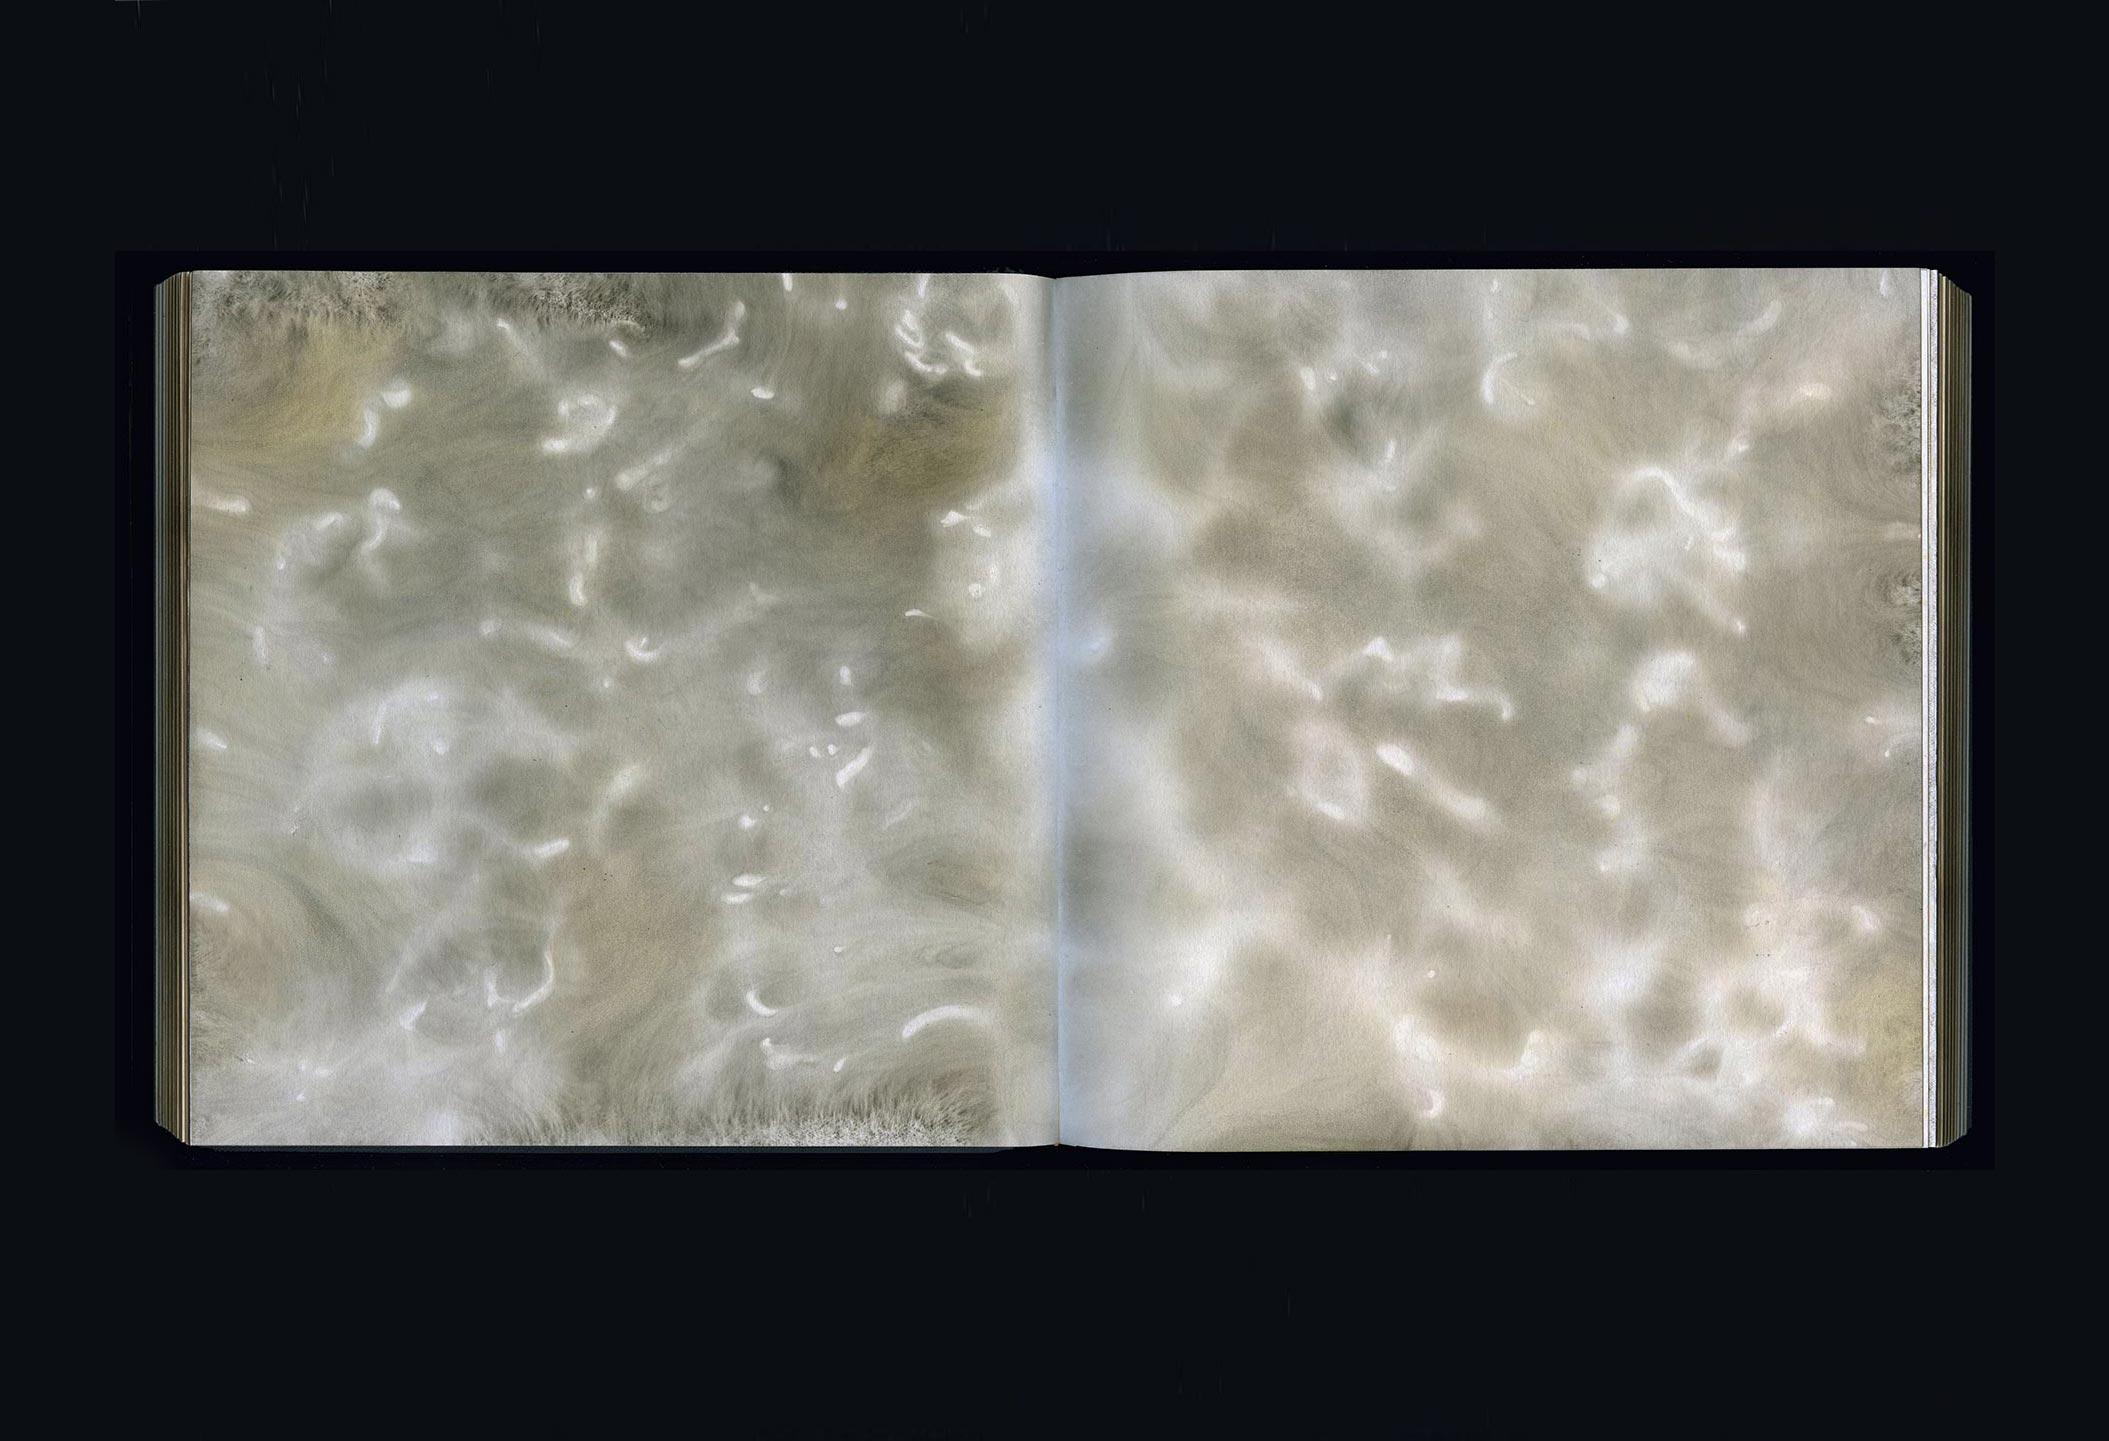 CARBON 2007–17  carbon deposit on bound paper,pp. 43, 44  20.0 x 40.0 cm